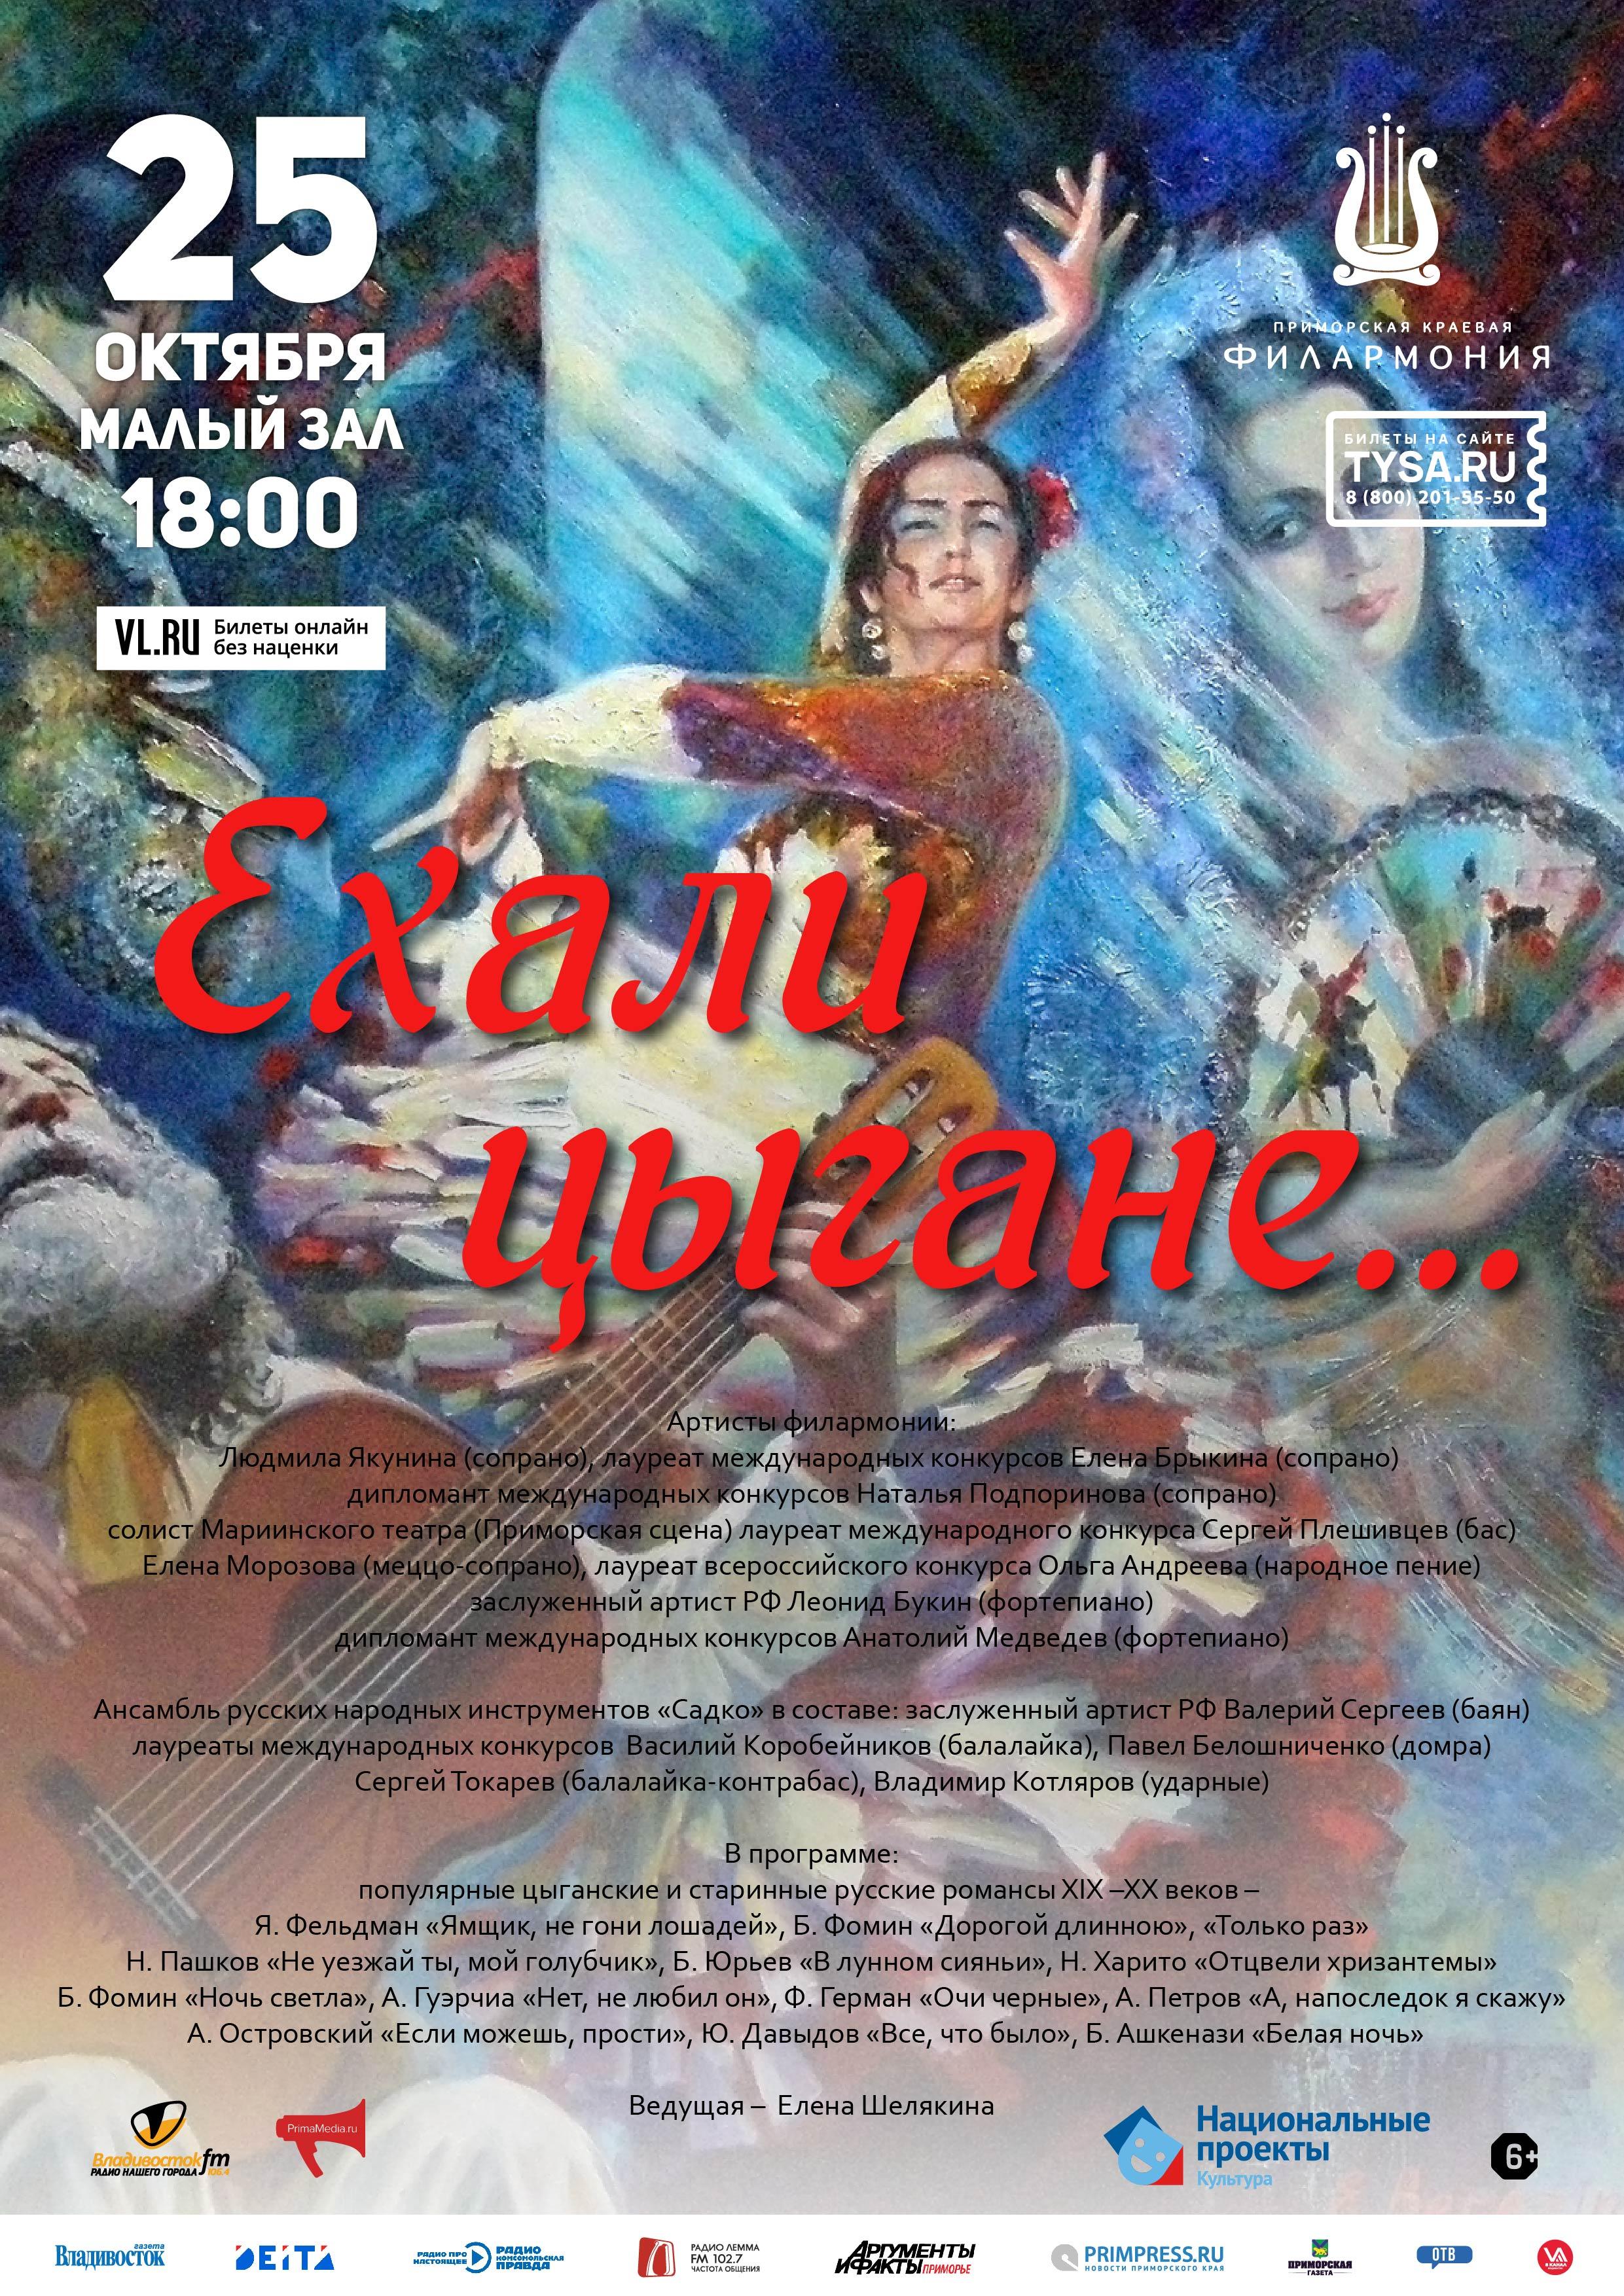 25 октября Концертная программа «Ехали цыгане…» Русский цыганский романс